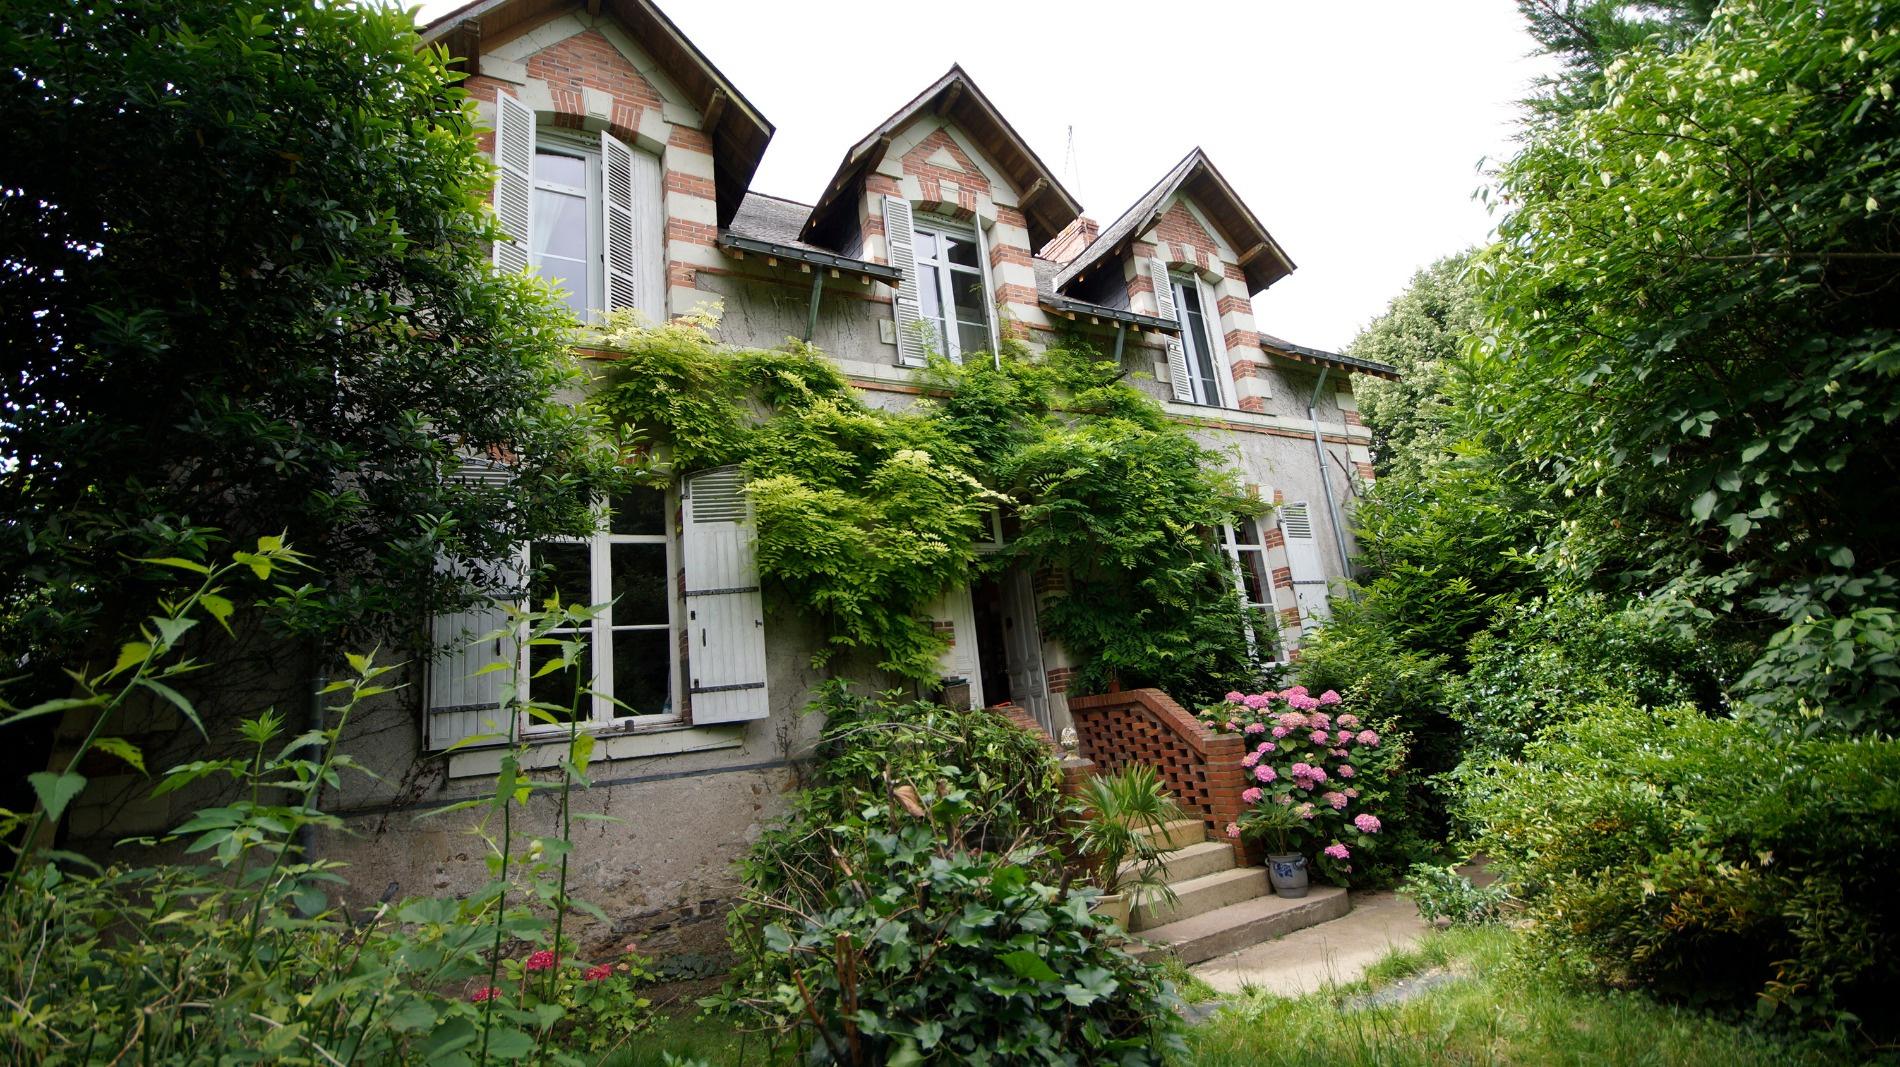 Vente maison briollay briollay 313500 for Maison vente